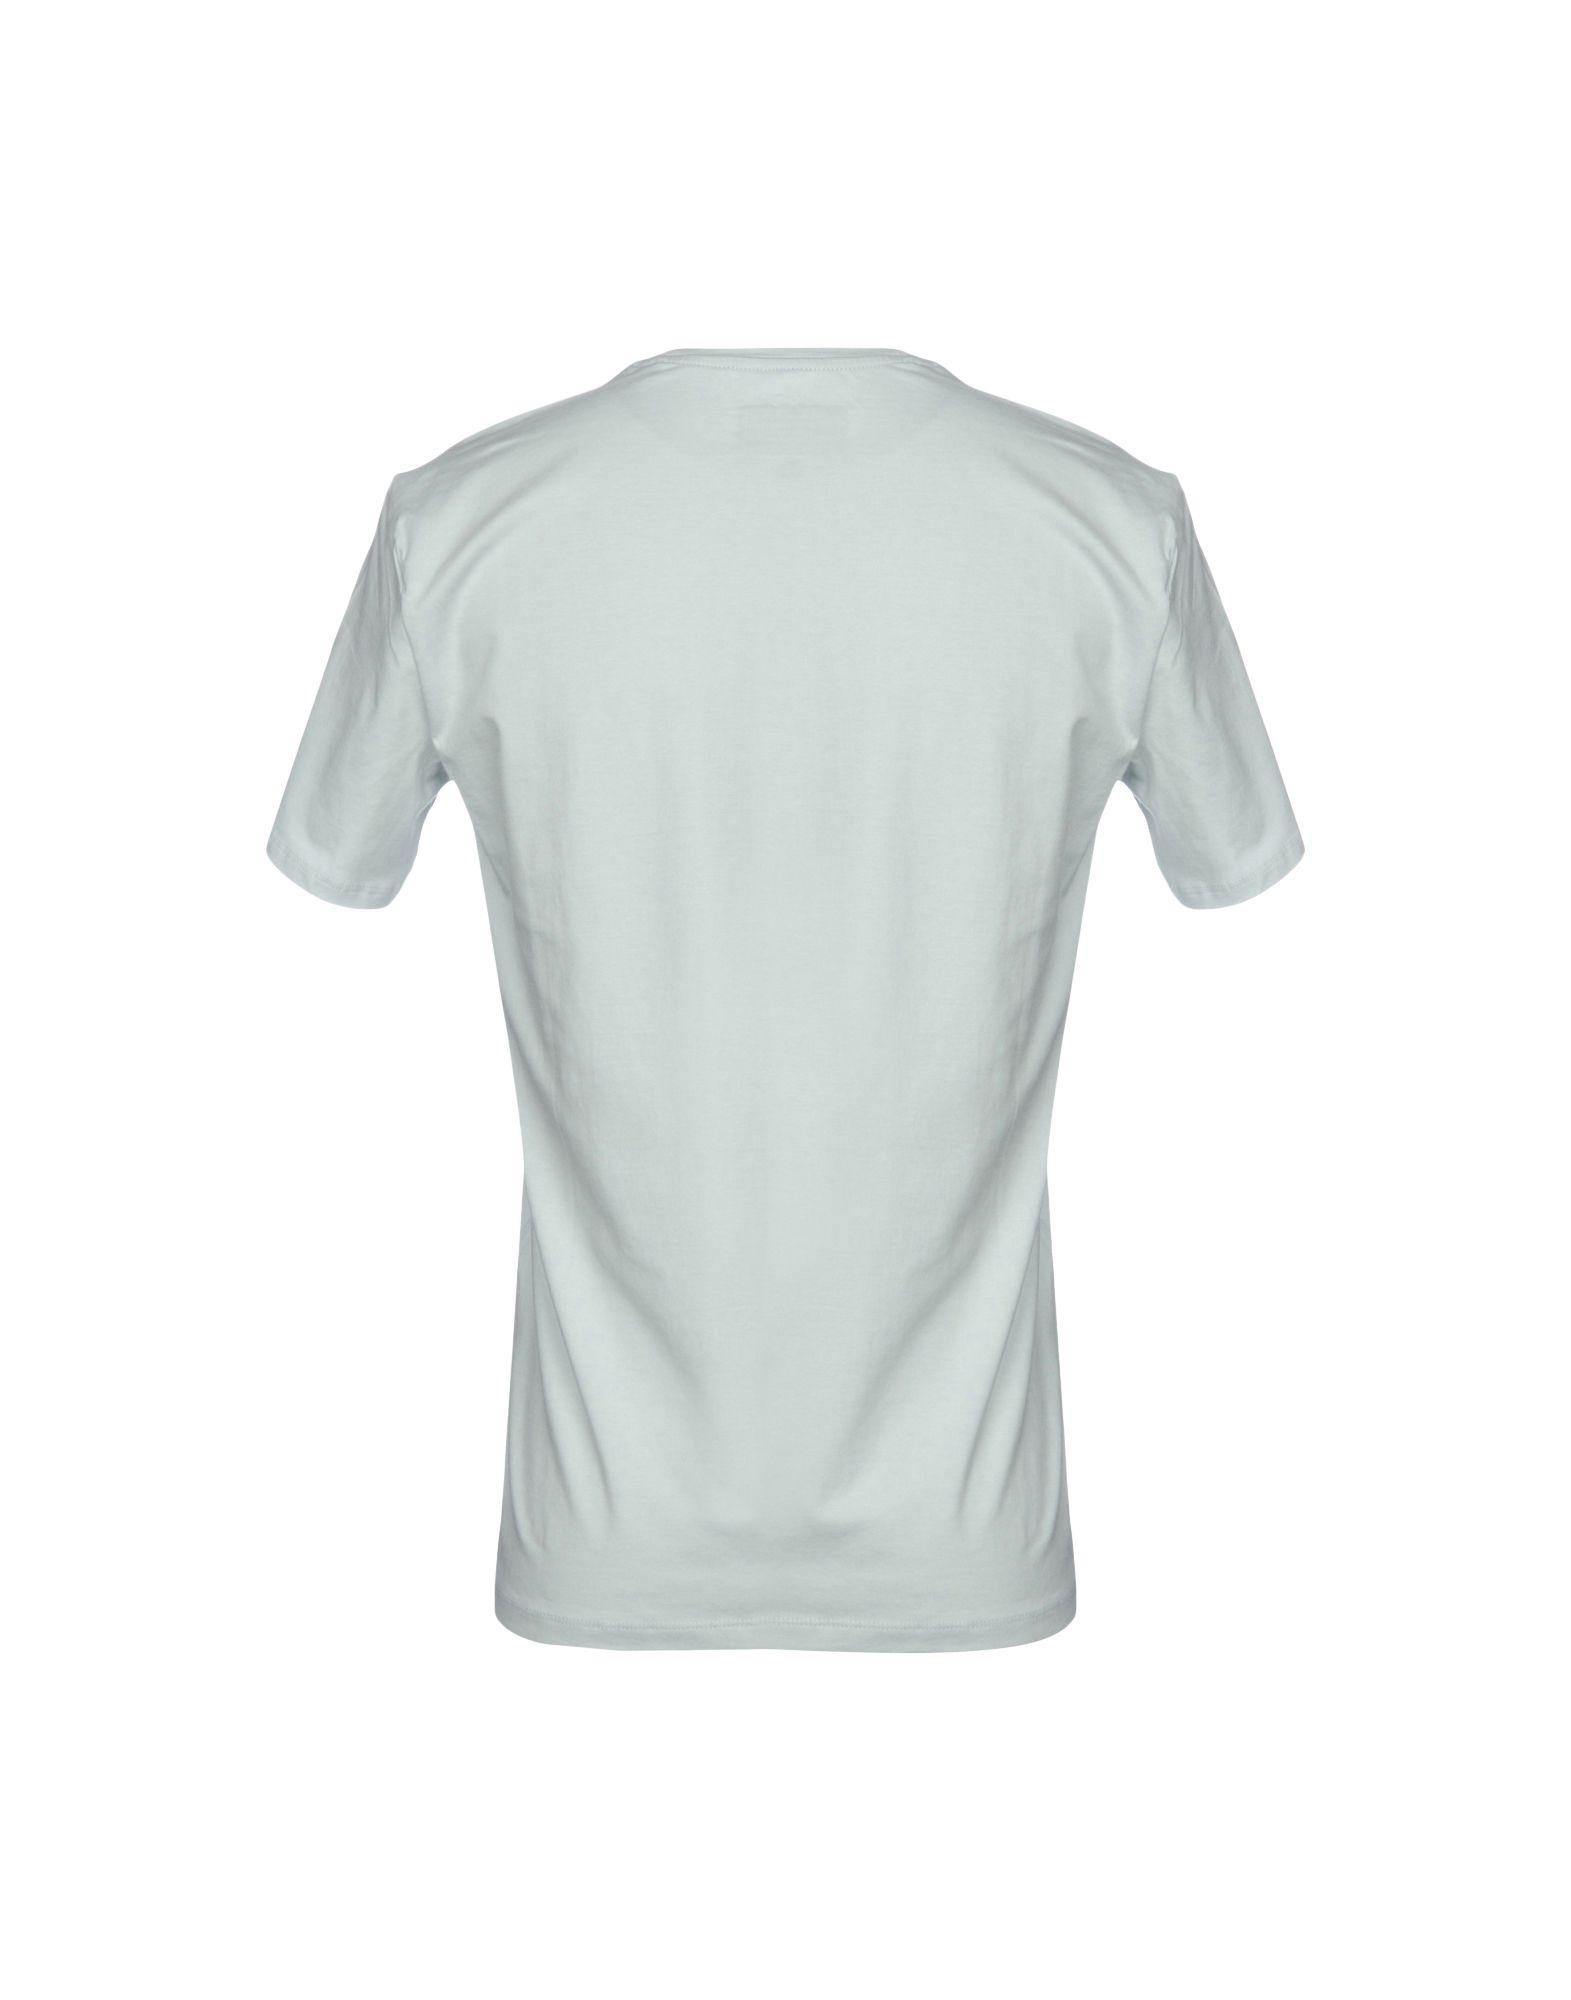 A buon mercato A buon mercato T-Shirt Guess Uomo Uomo Guess - 12141744KJ f5ae3a